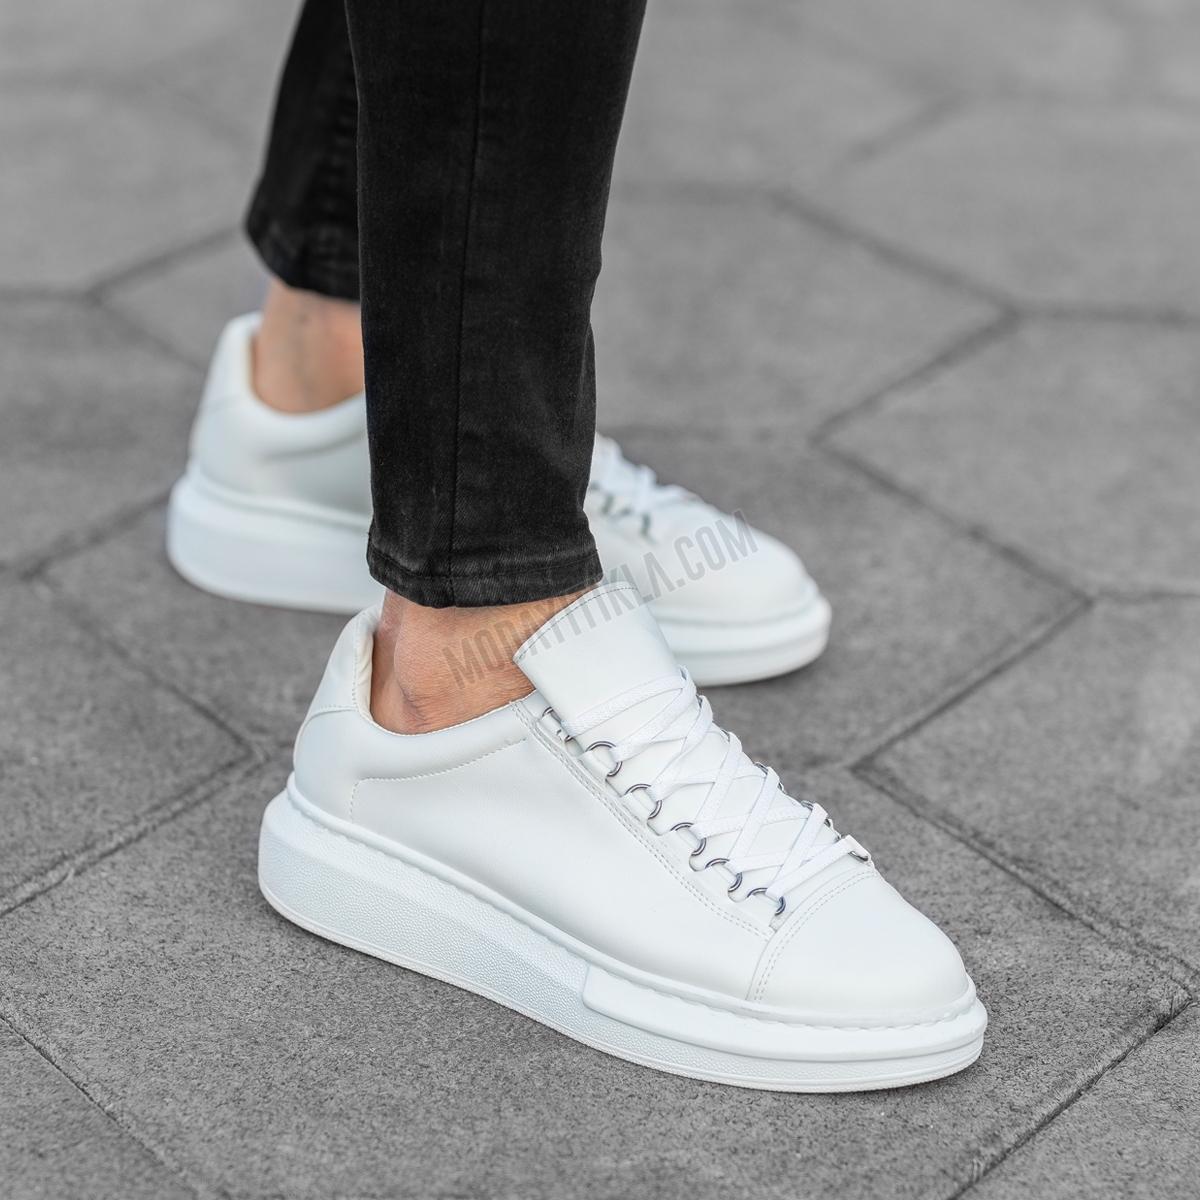 Erkek Yüksek Taban Mox Beyaz Ayakkabı